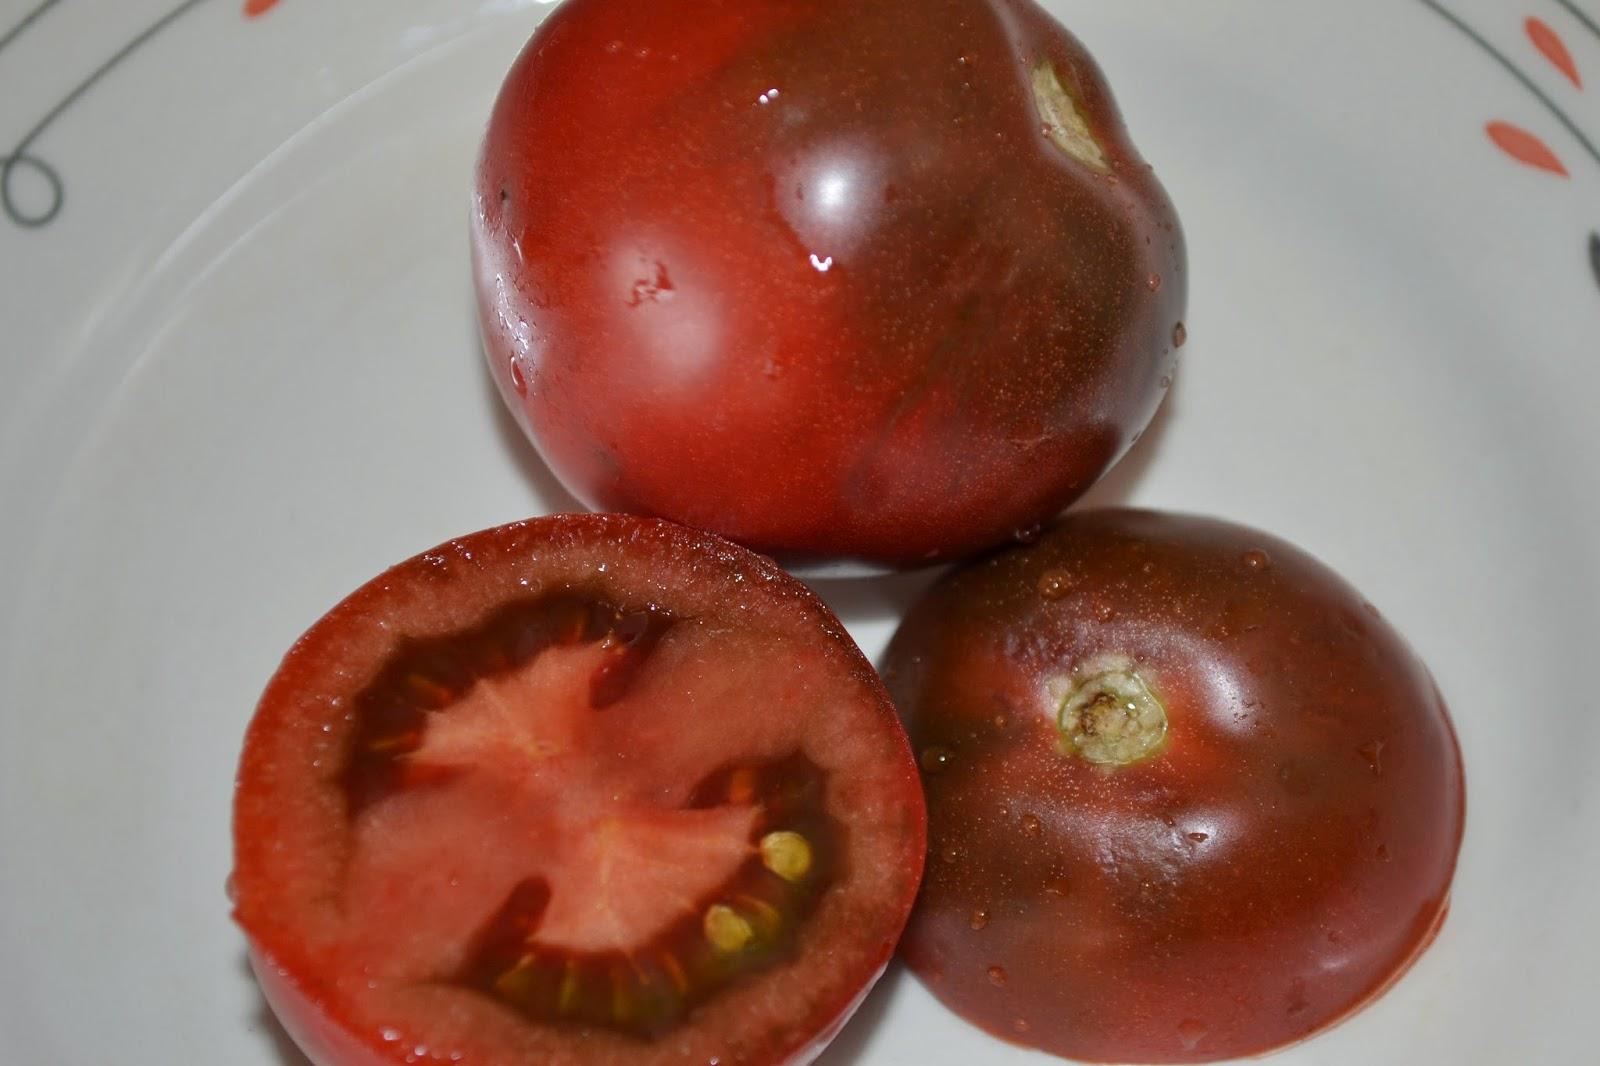 schwarzer prinz black tomatensamen russische sorte tomaten bohnen pfirsich. Black Bedroom Furniture Sets. Home Design Ideas